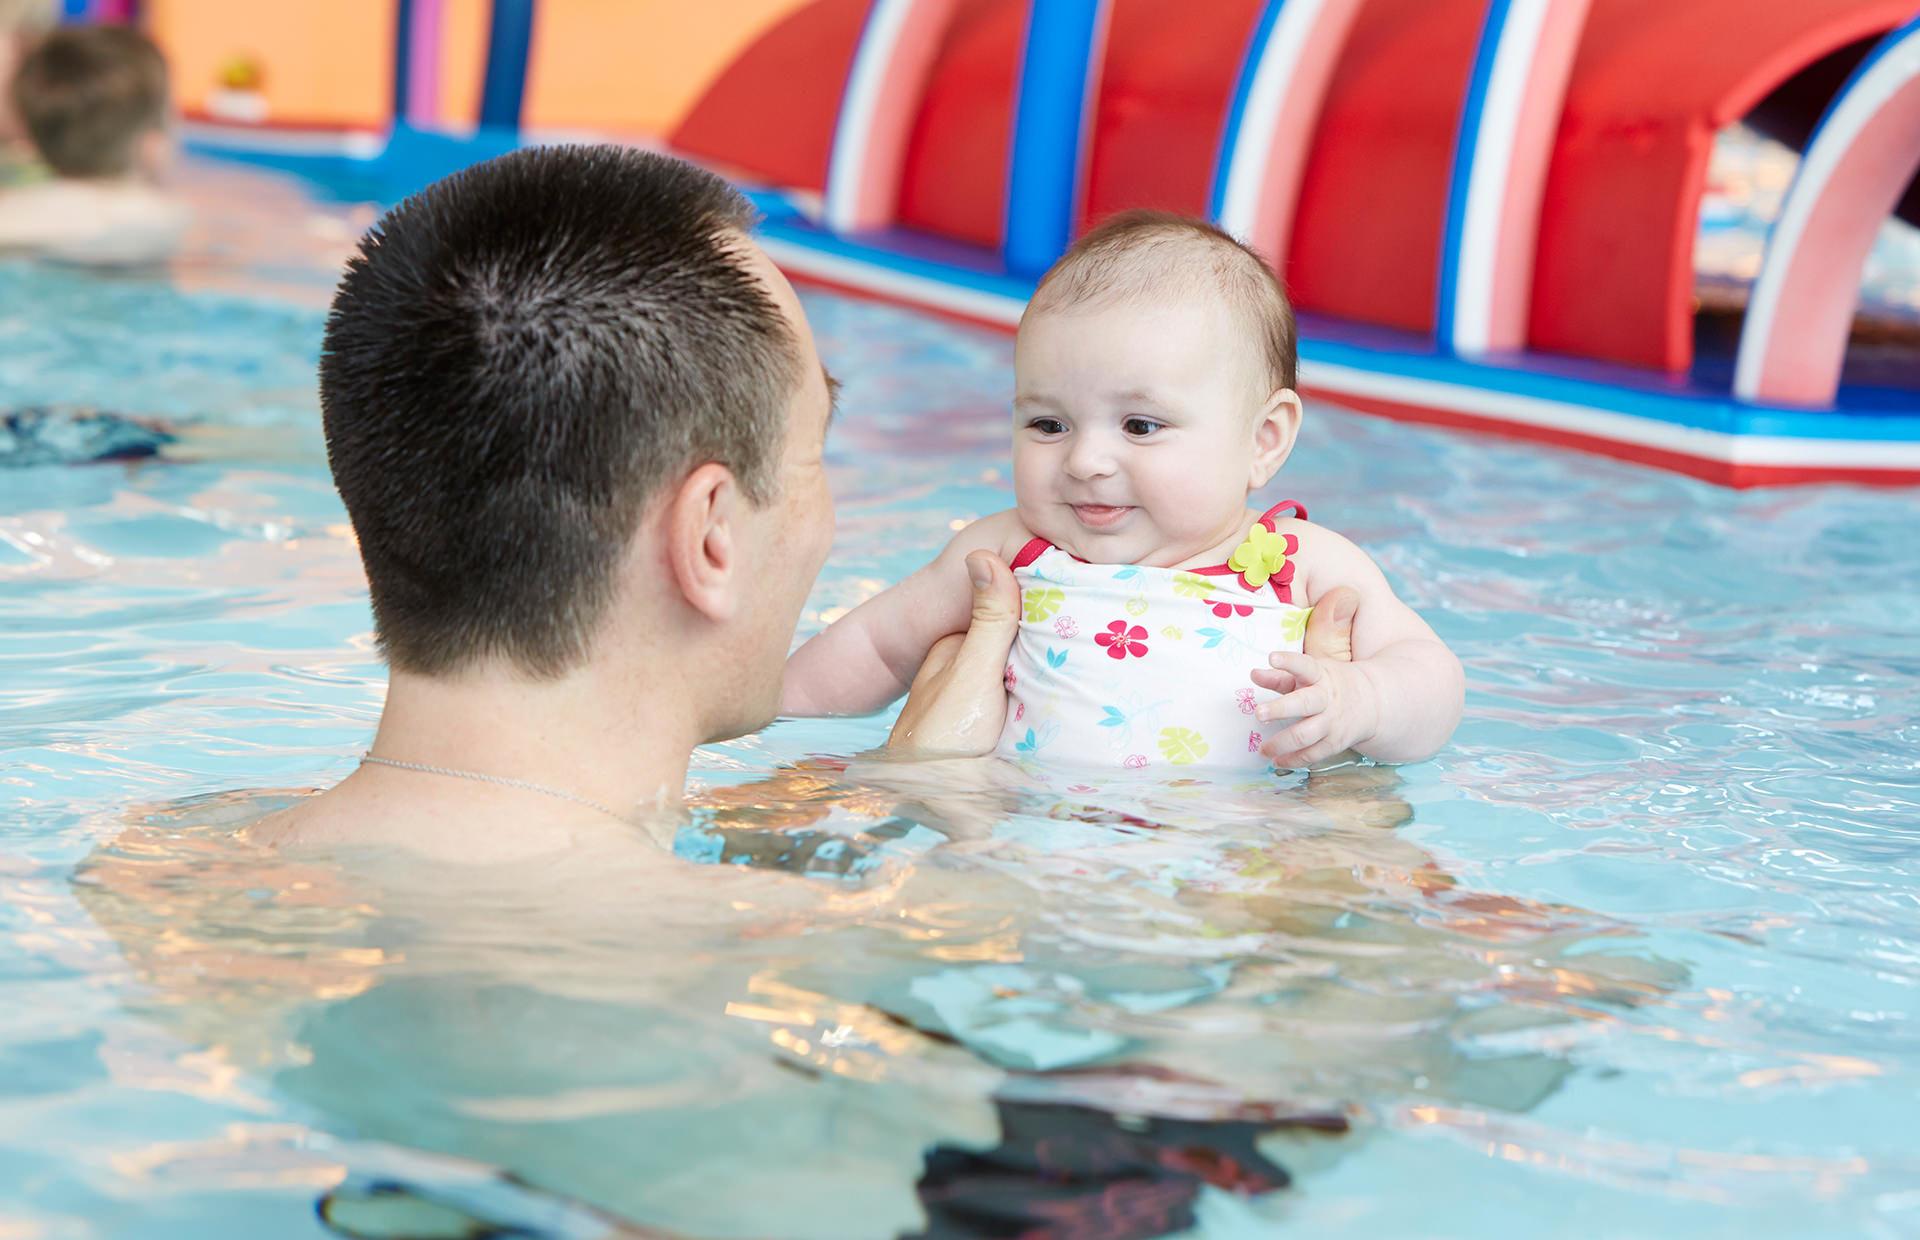 Baby Gloopy — Activité Aquatique • Tourcoing-Les-Bains tout Piscine Tourcoing Les Bains